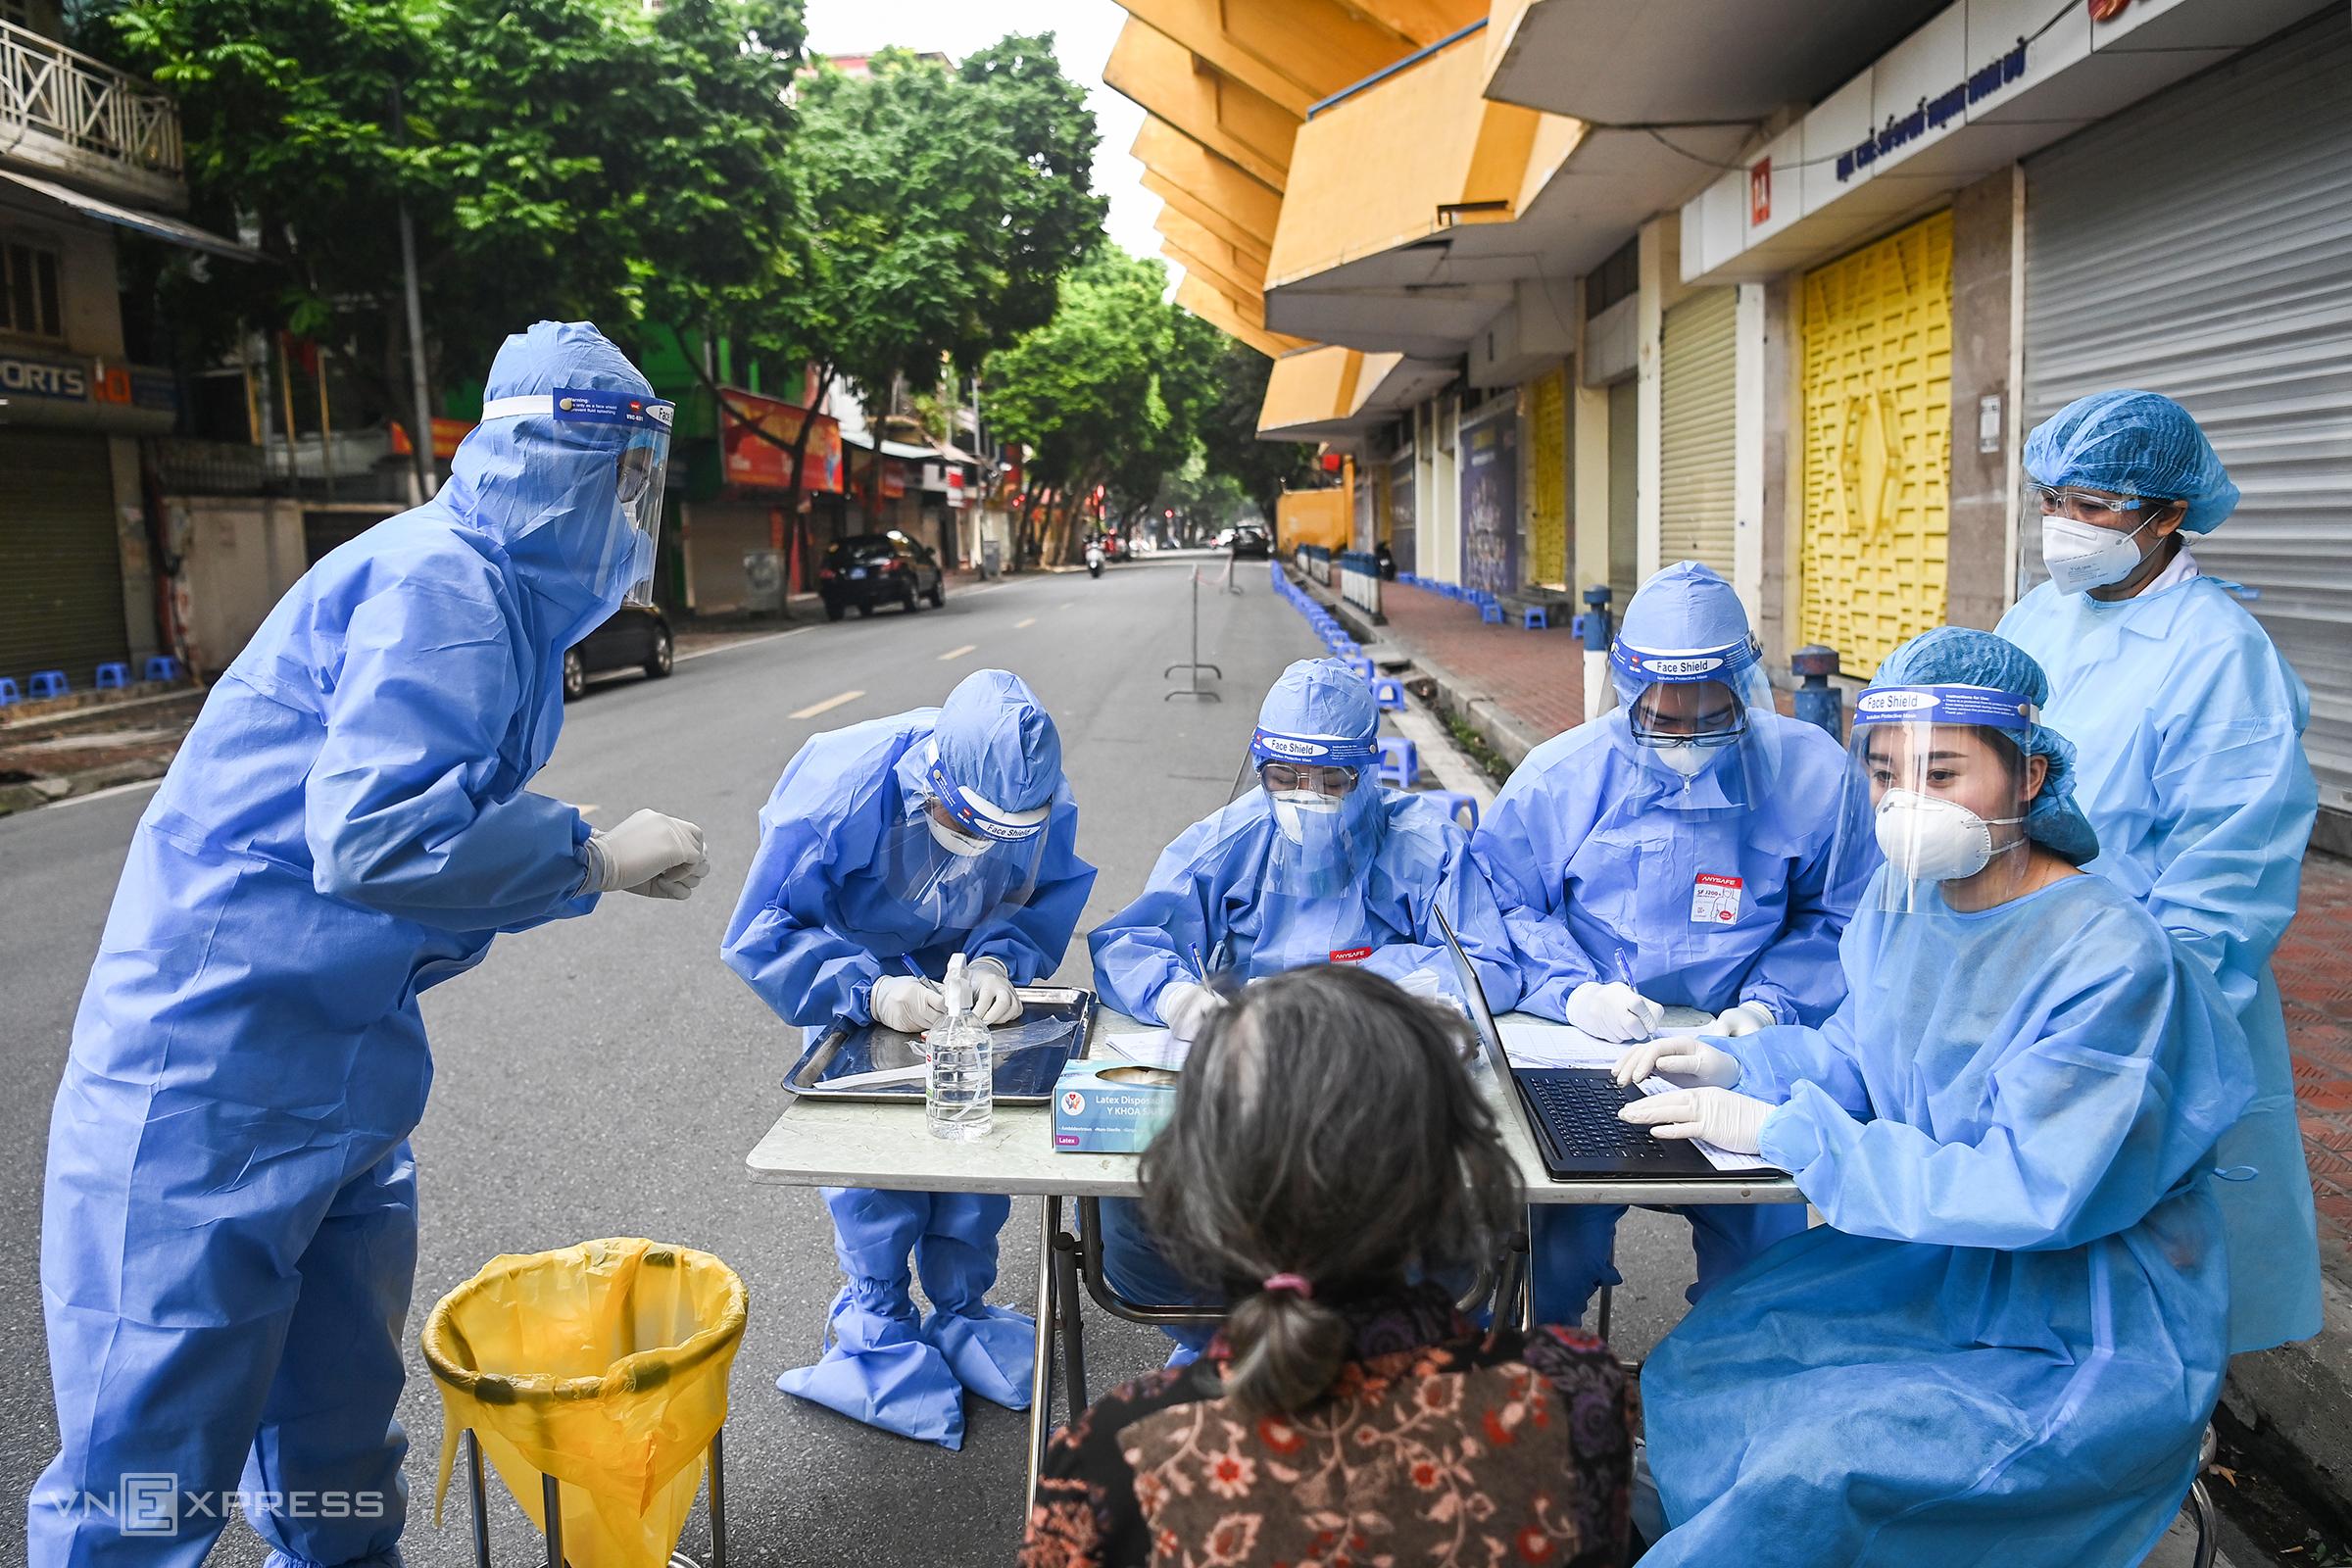 Nhân viên y tế lấy mẫu xét nghiệm cho người dân Hà Nội trước khi tiêm vaccine, ngày 10/9. Ảnh: Giang Huy